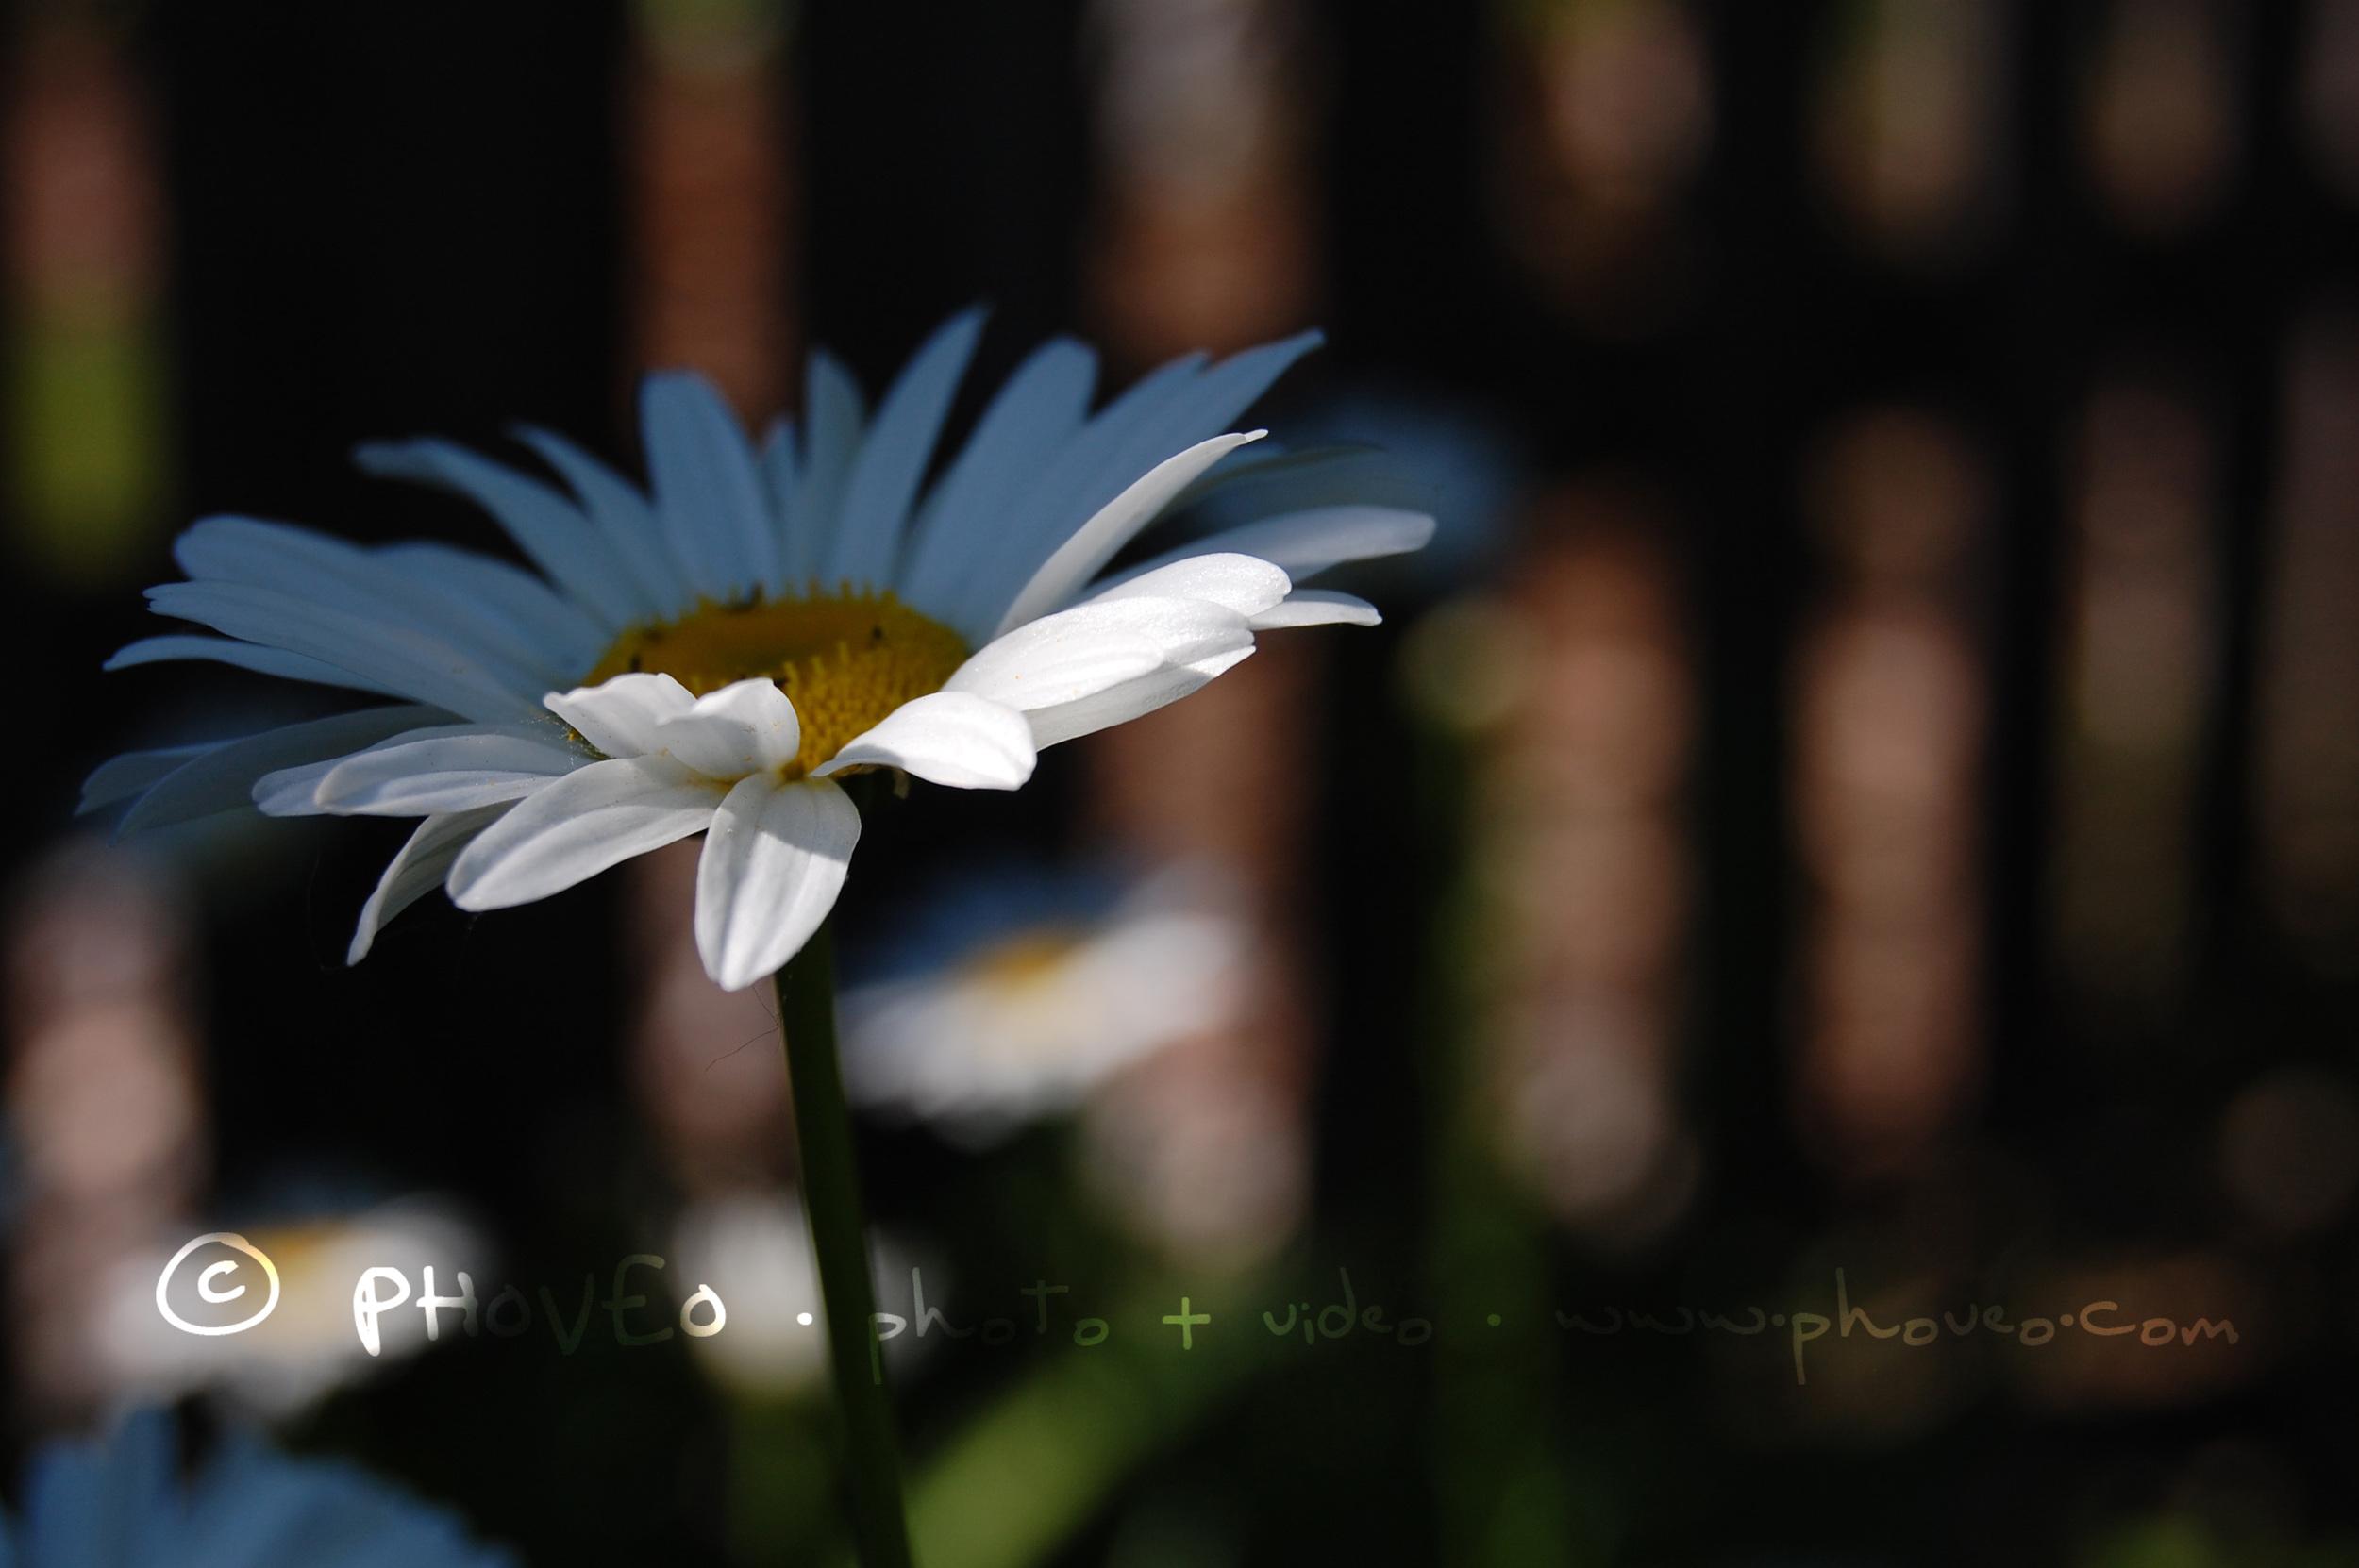 WM_DSC_0520.jpg